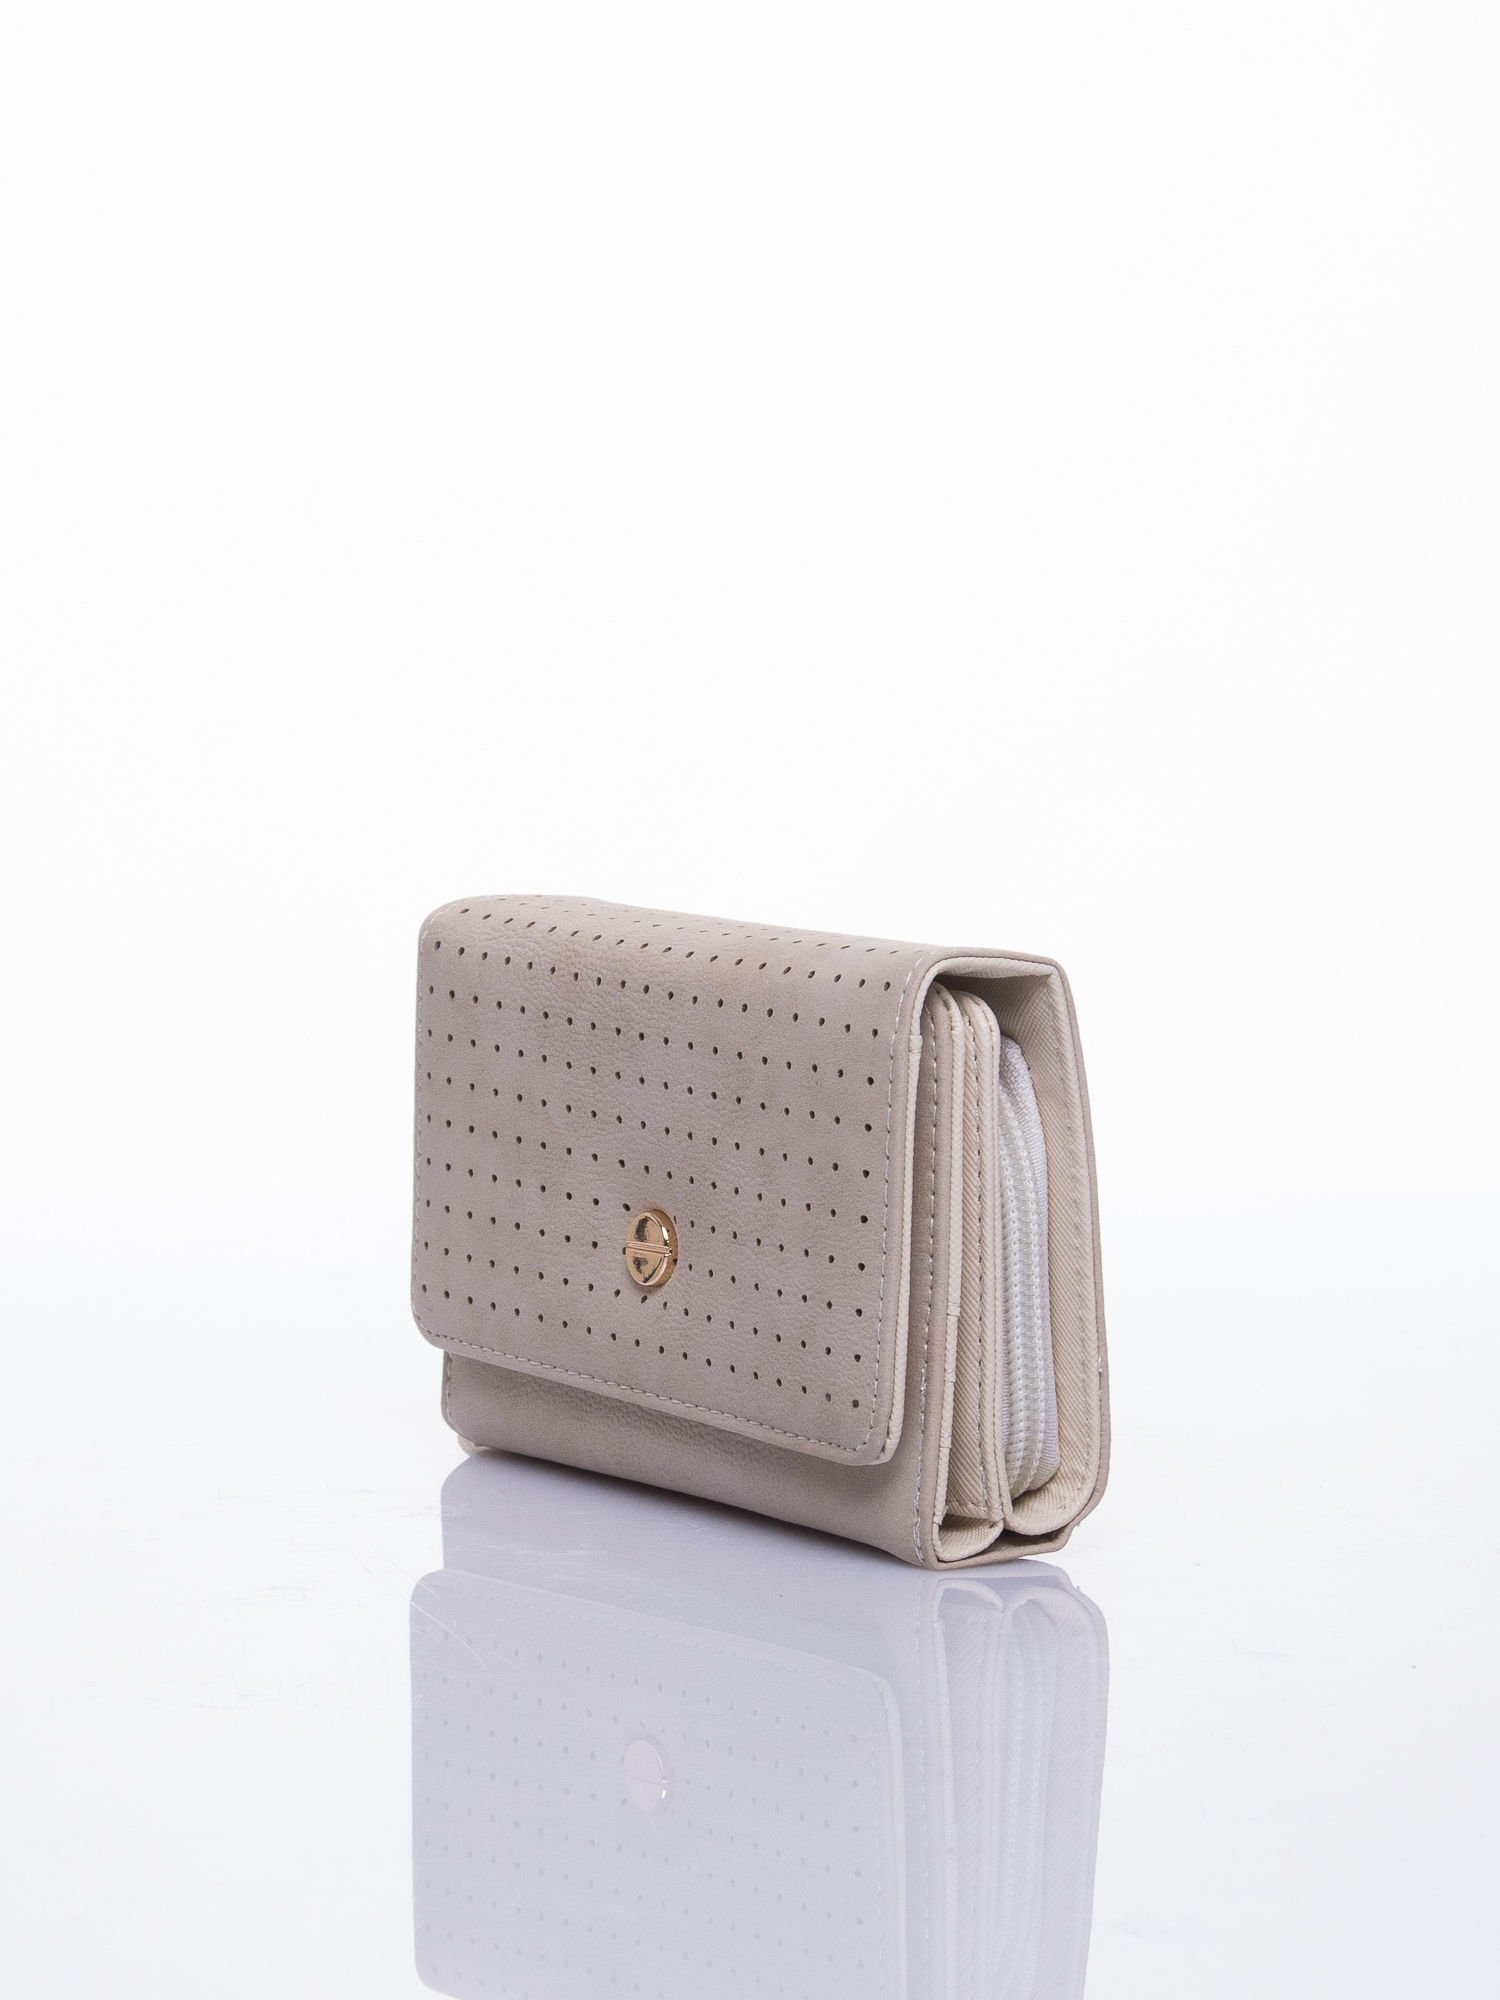 Beżowy ażurowany portfel ze złotym zapięciem                                  zdj.                                  2